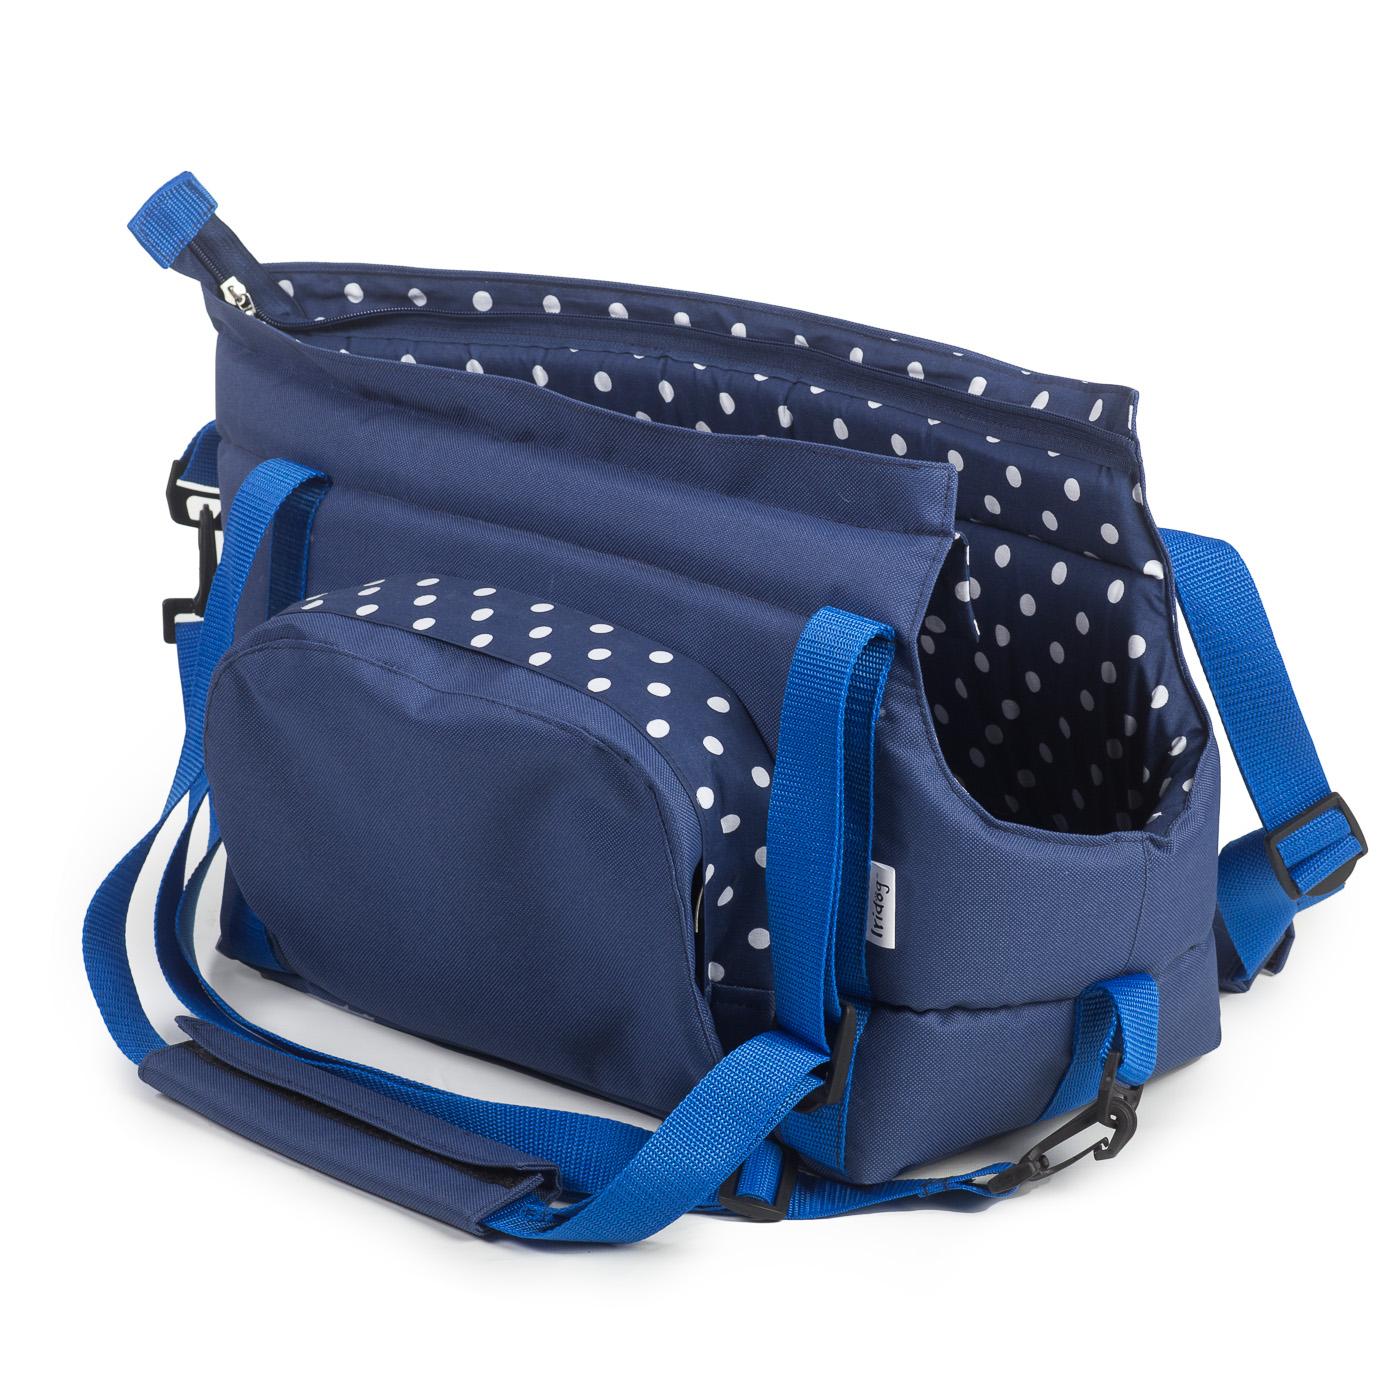 Cestovní taška pro psy, no. 30, modrá s puntíky - vel. 1